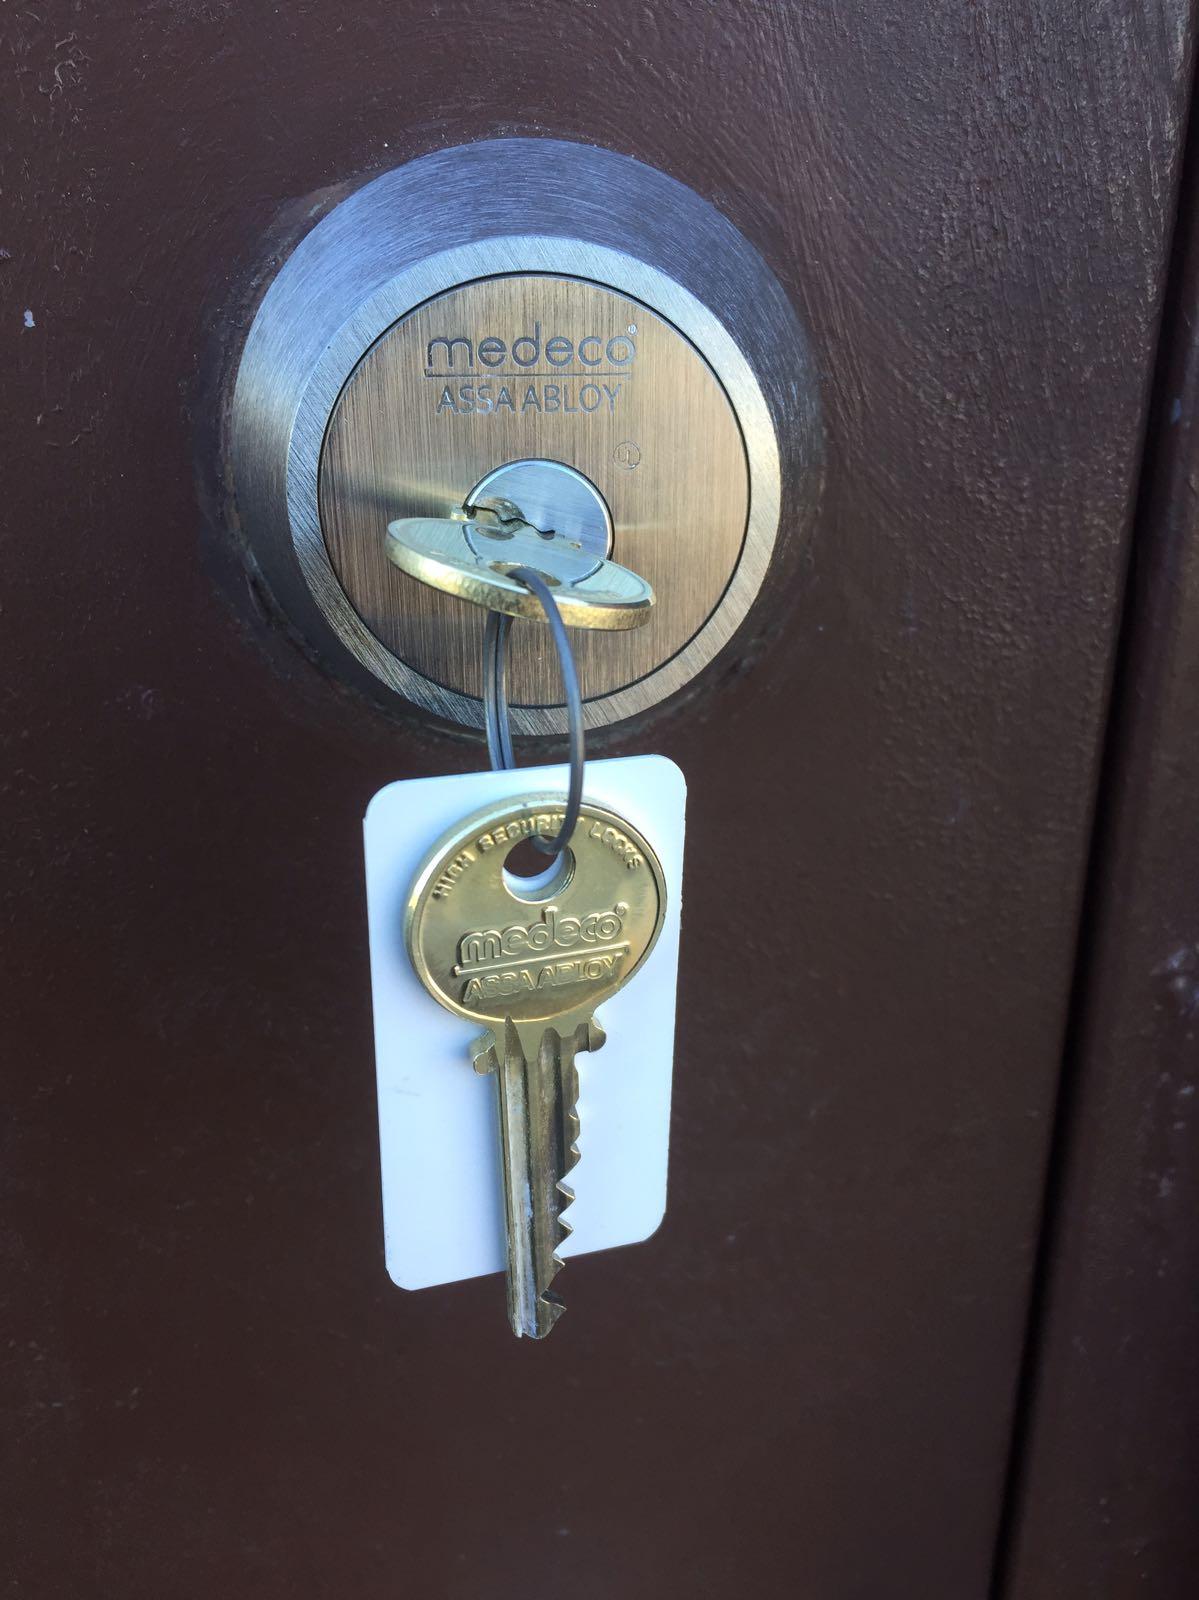 Mineola Locksmith Install a Lock: Why Medeco Deadbolts to